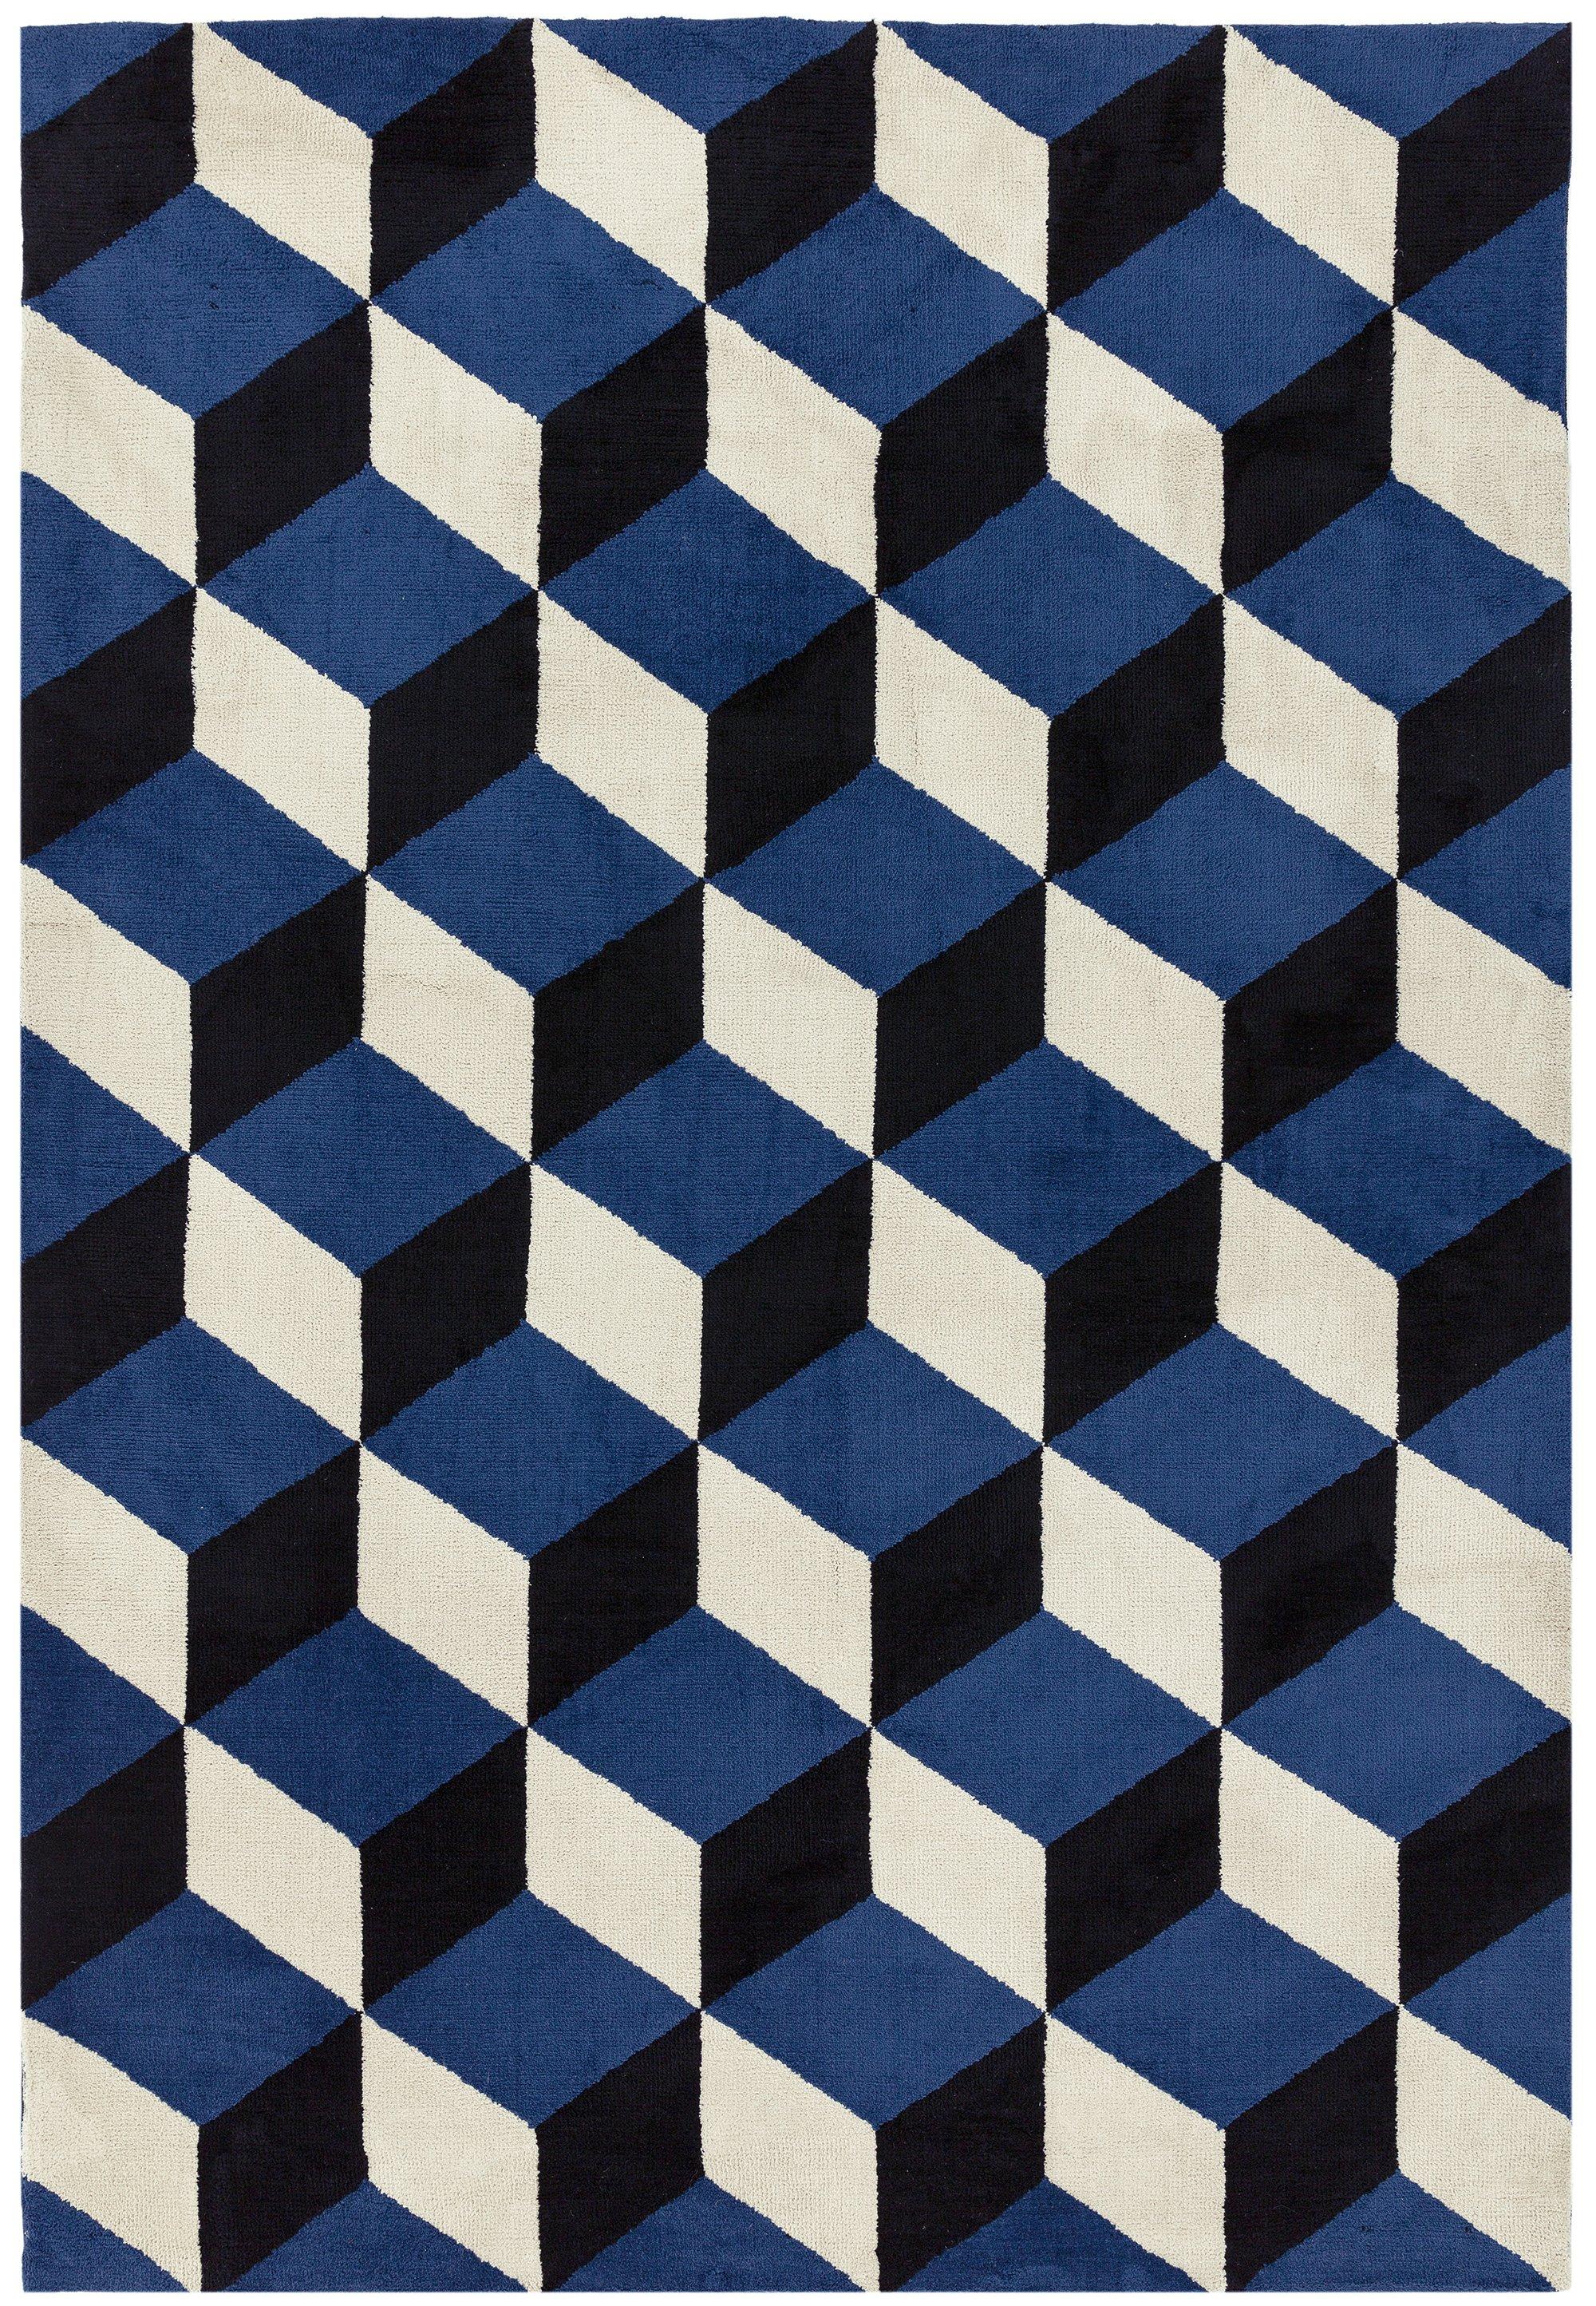 arlo_blue_block_(1).jpg